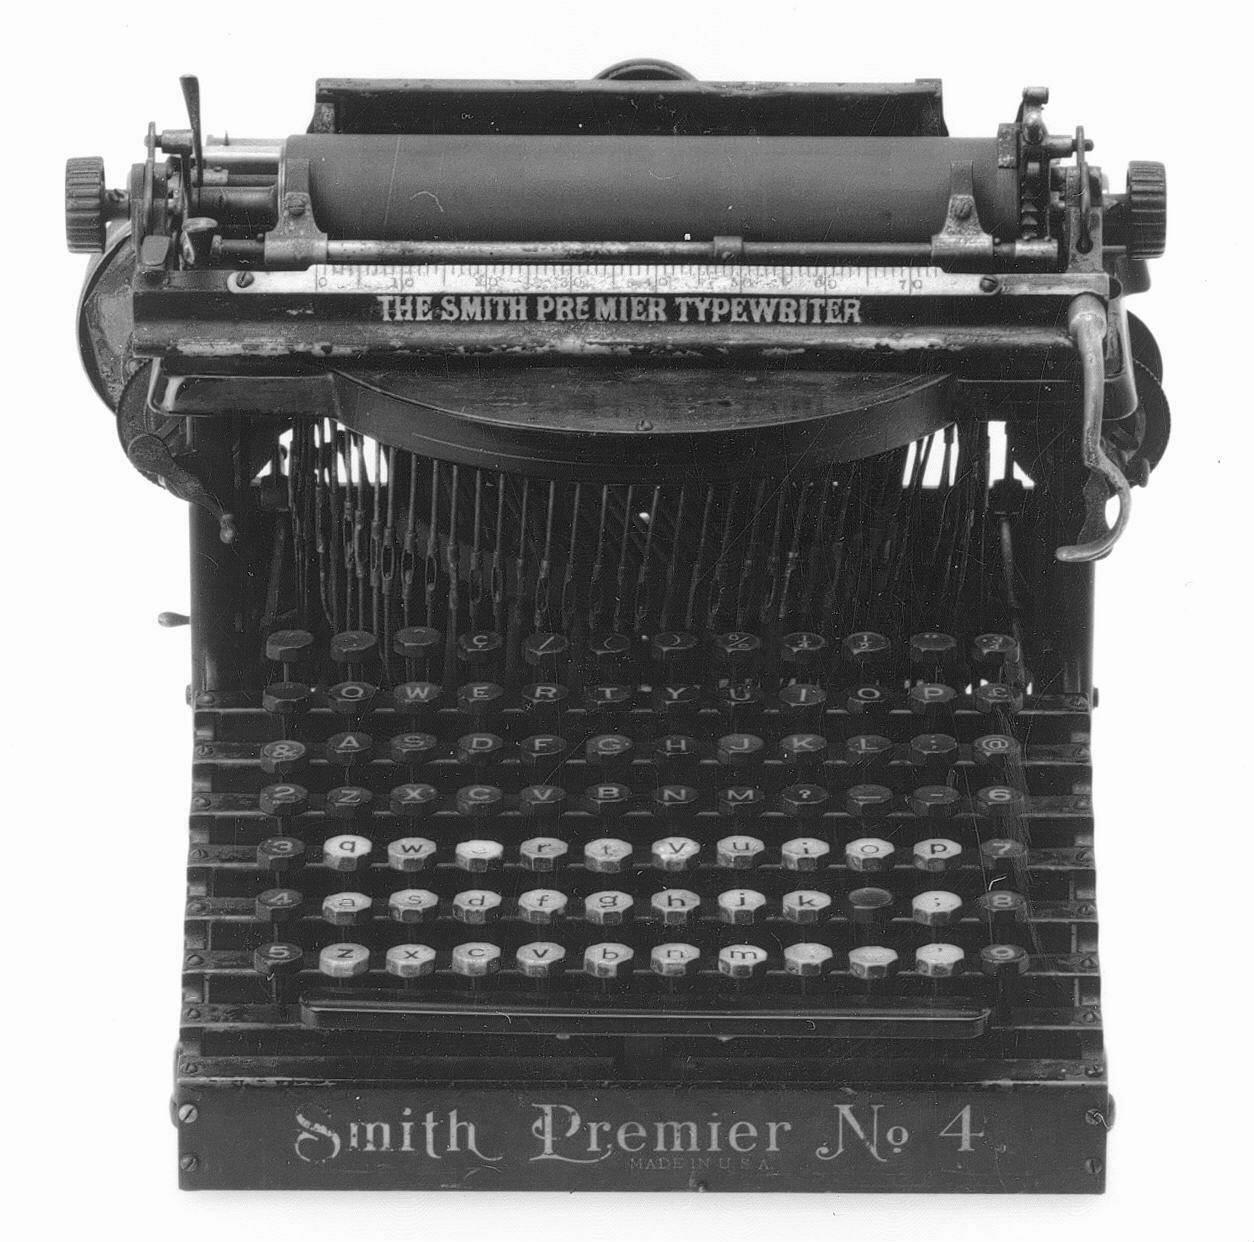 Smith Premier No.4